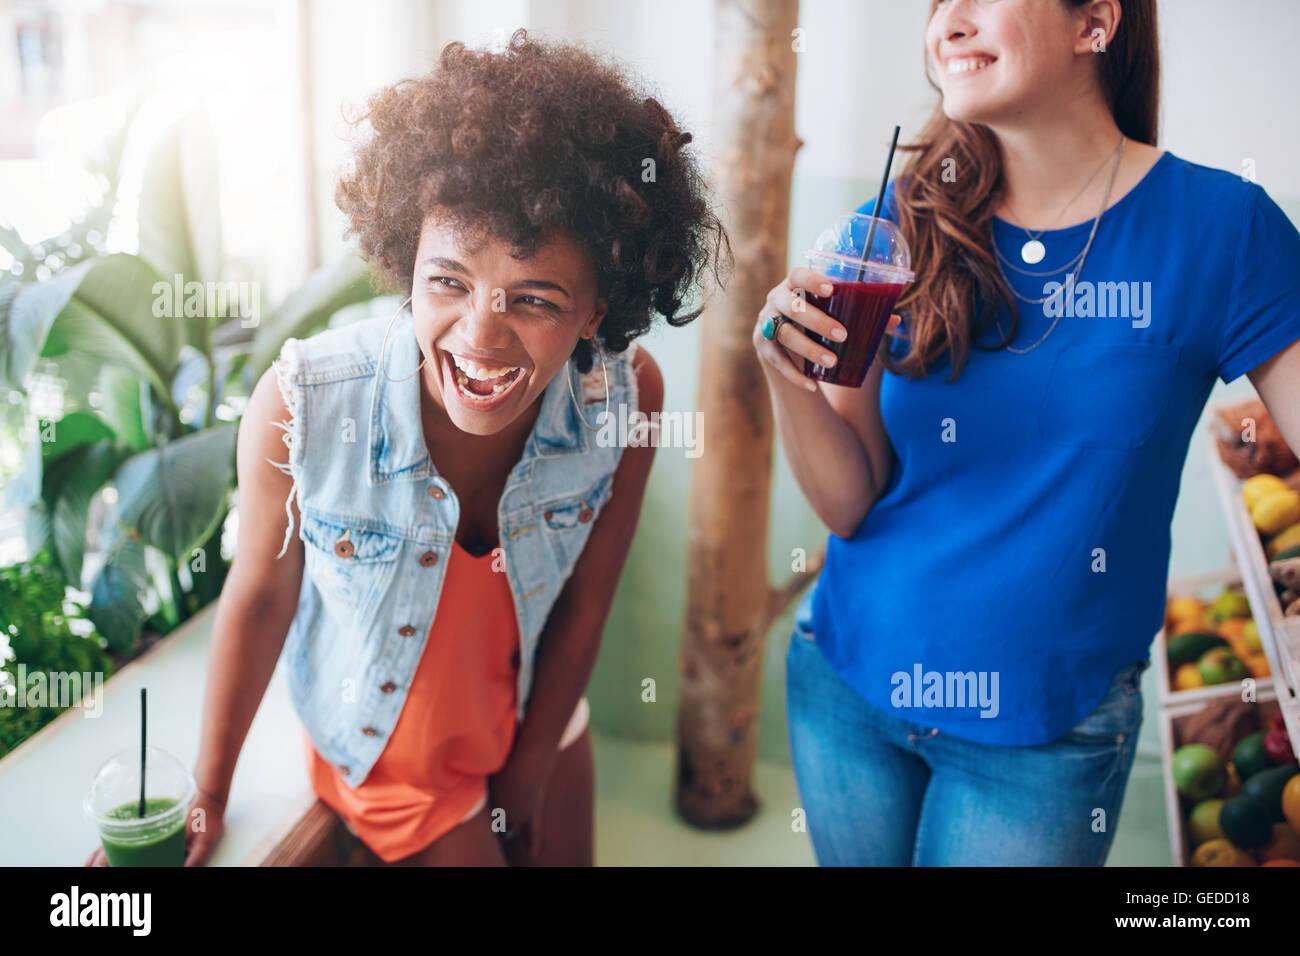 Portrait of young women at juice bar prendre un verre de jus frais. Les amis bénéficiant d'un bar Photo Stock